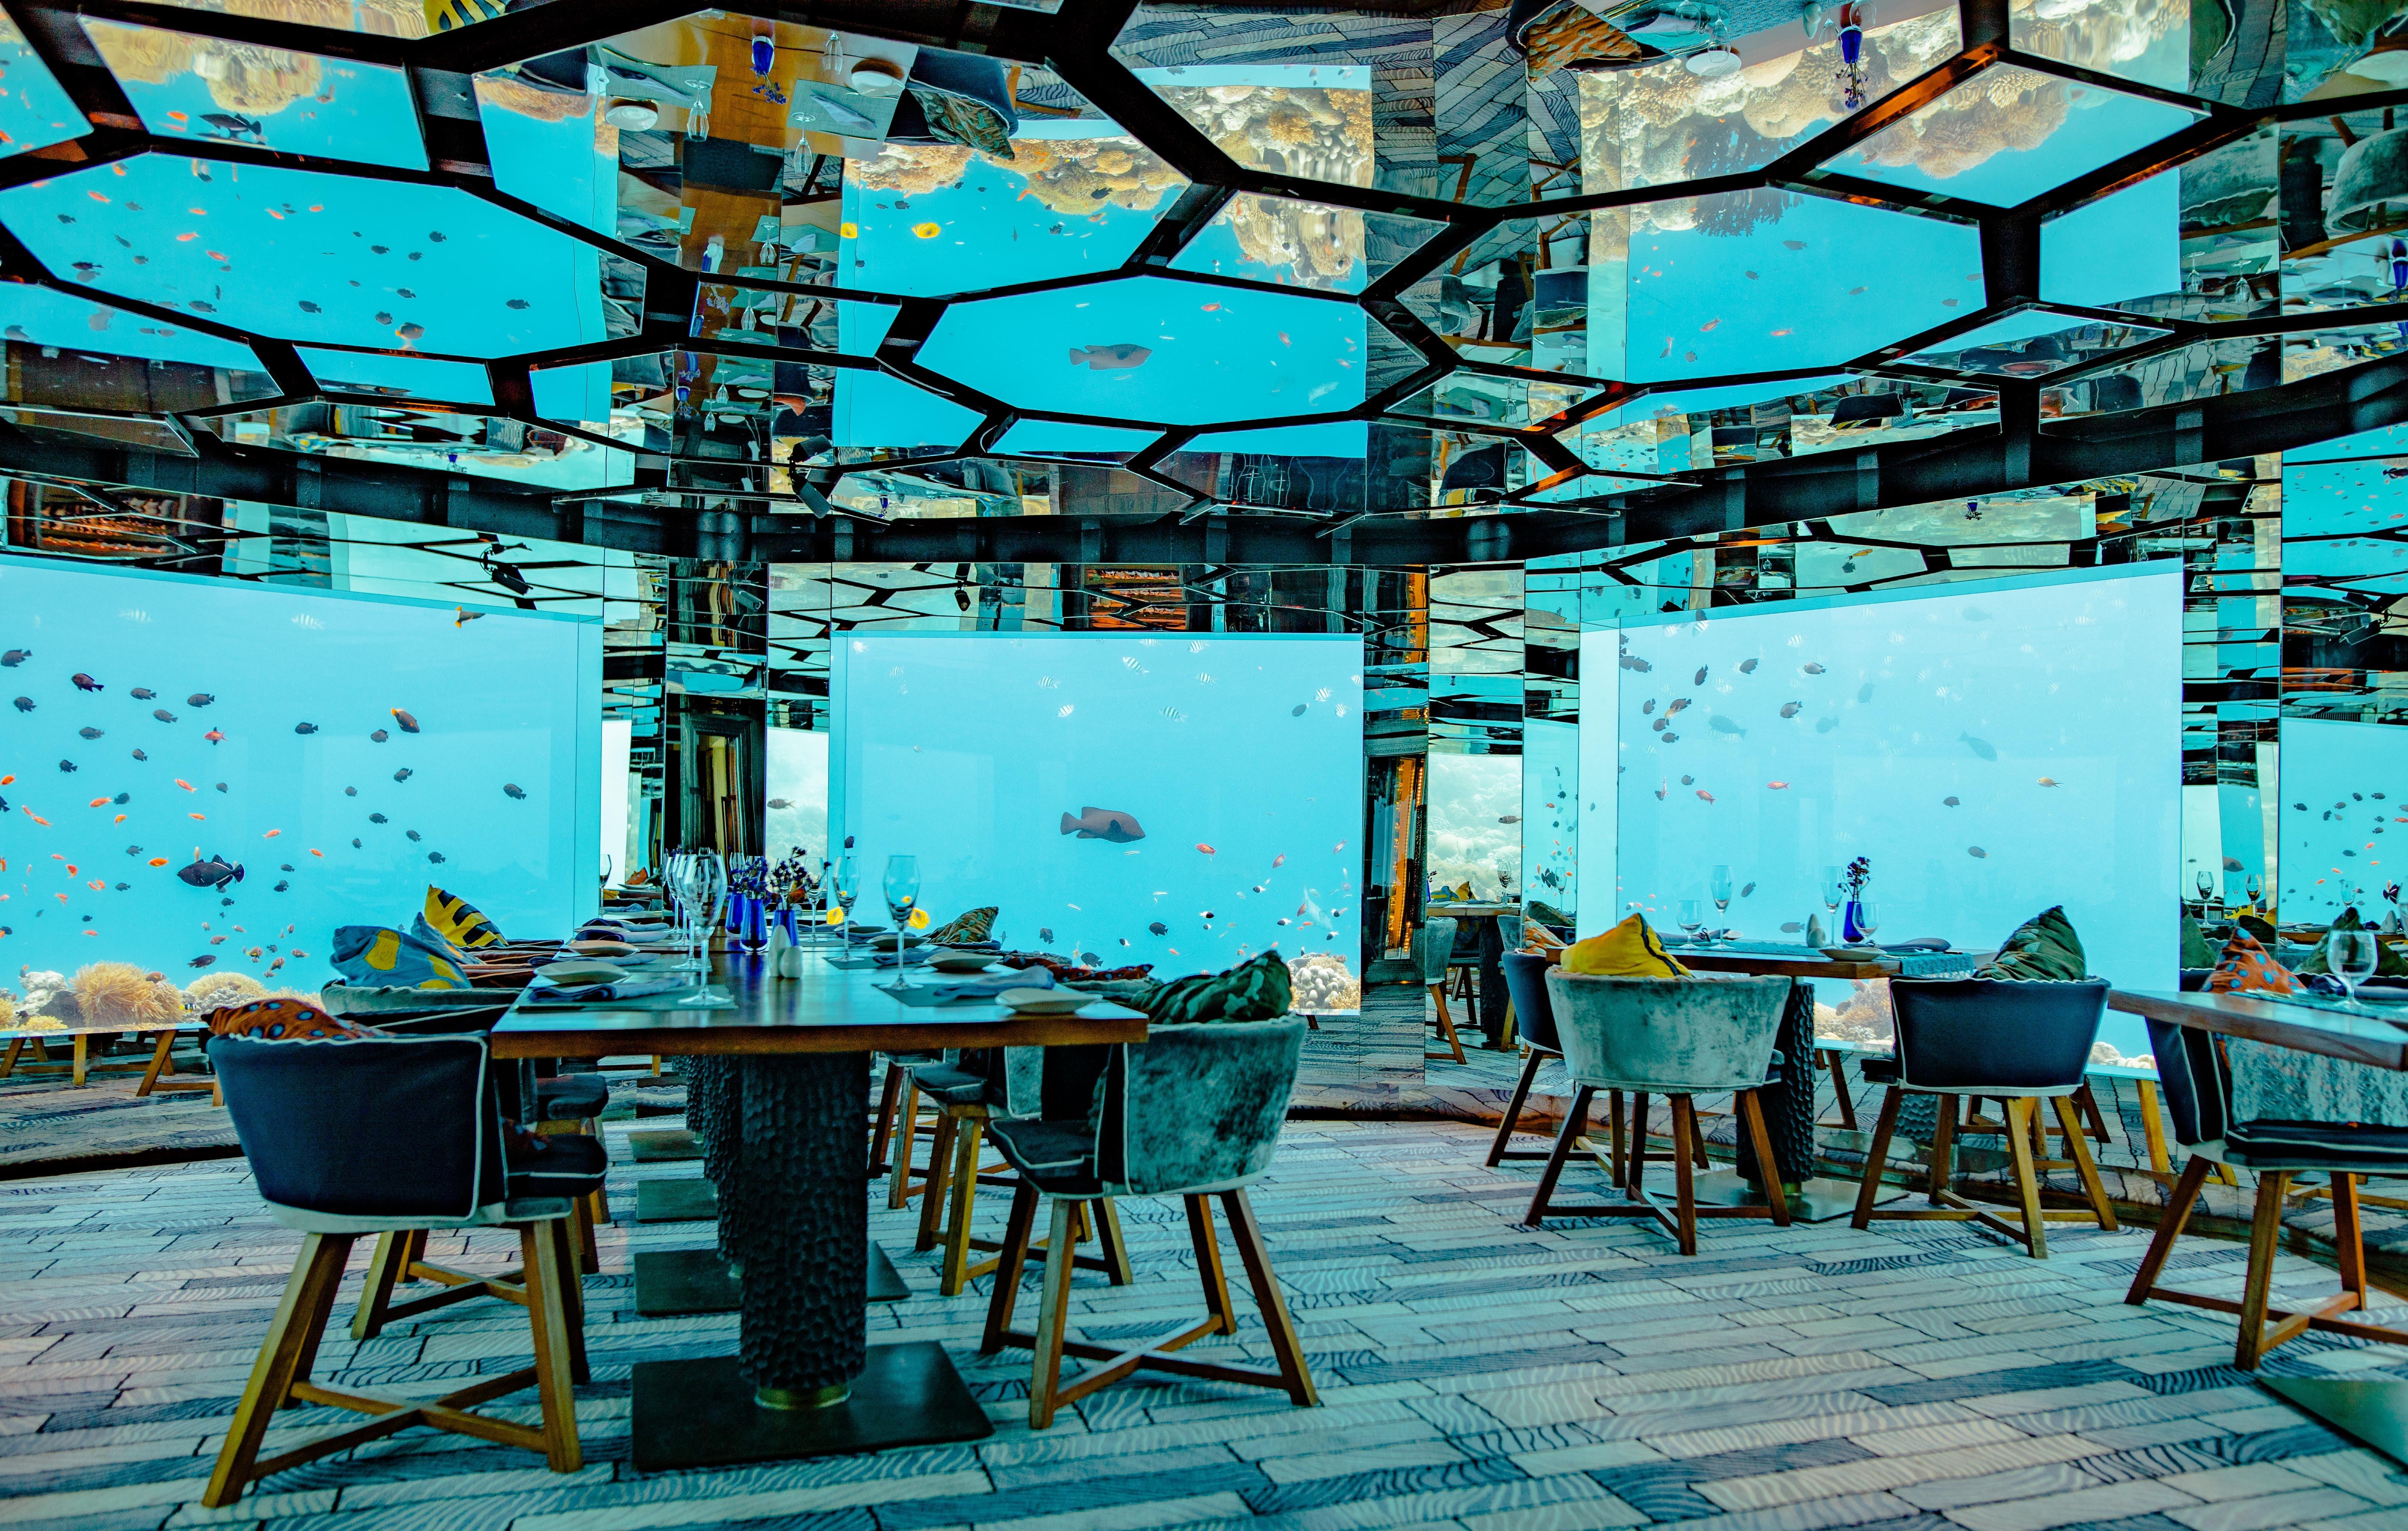 Underwater restaurant Maldives